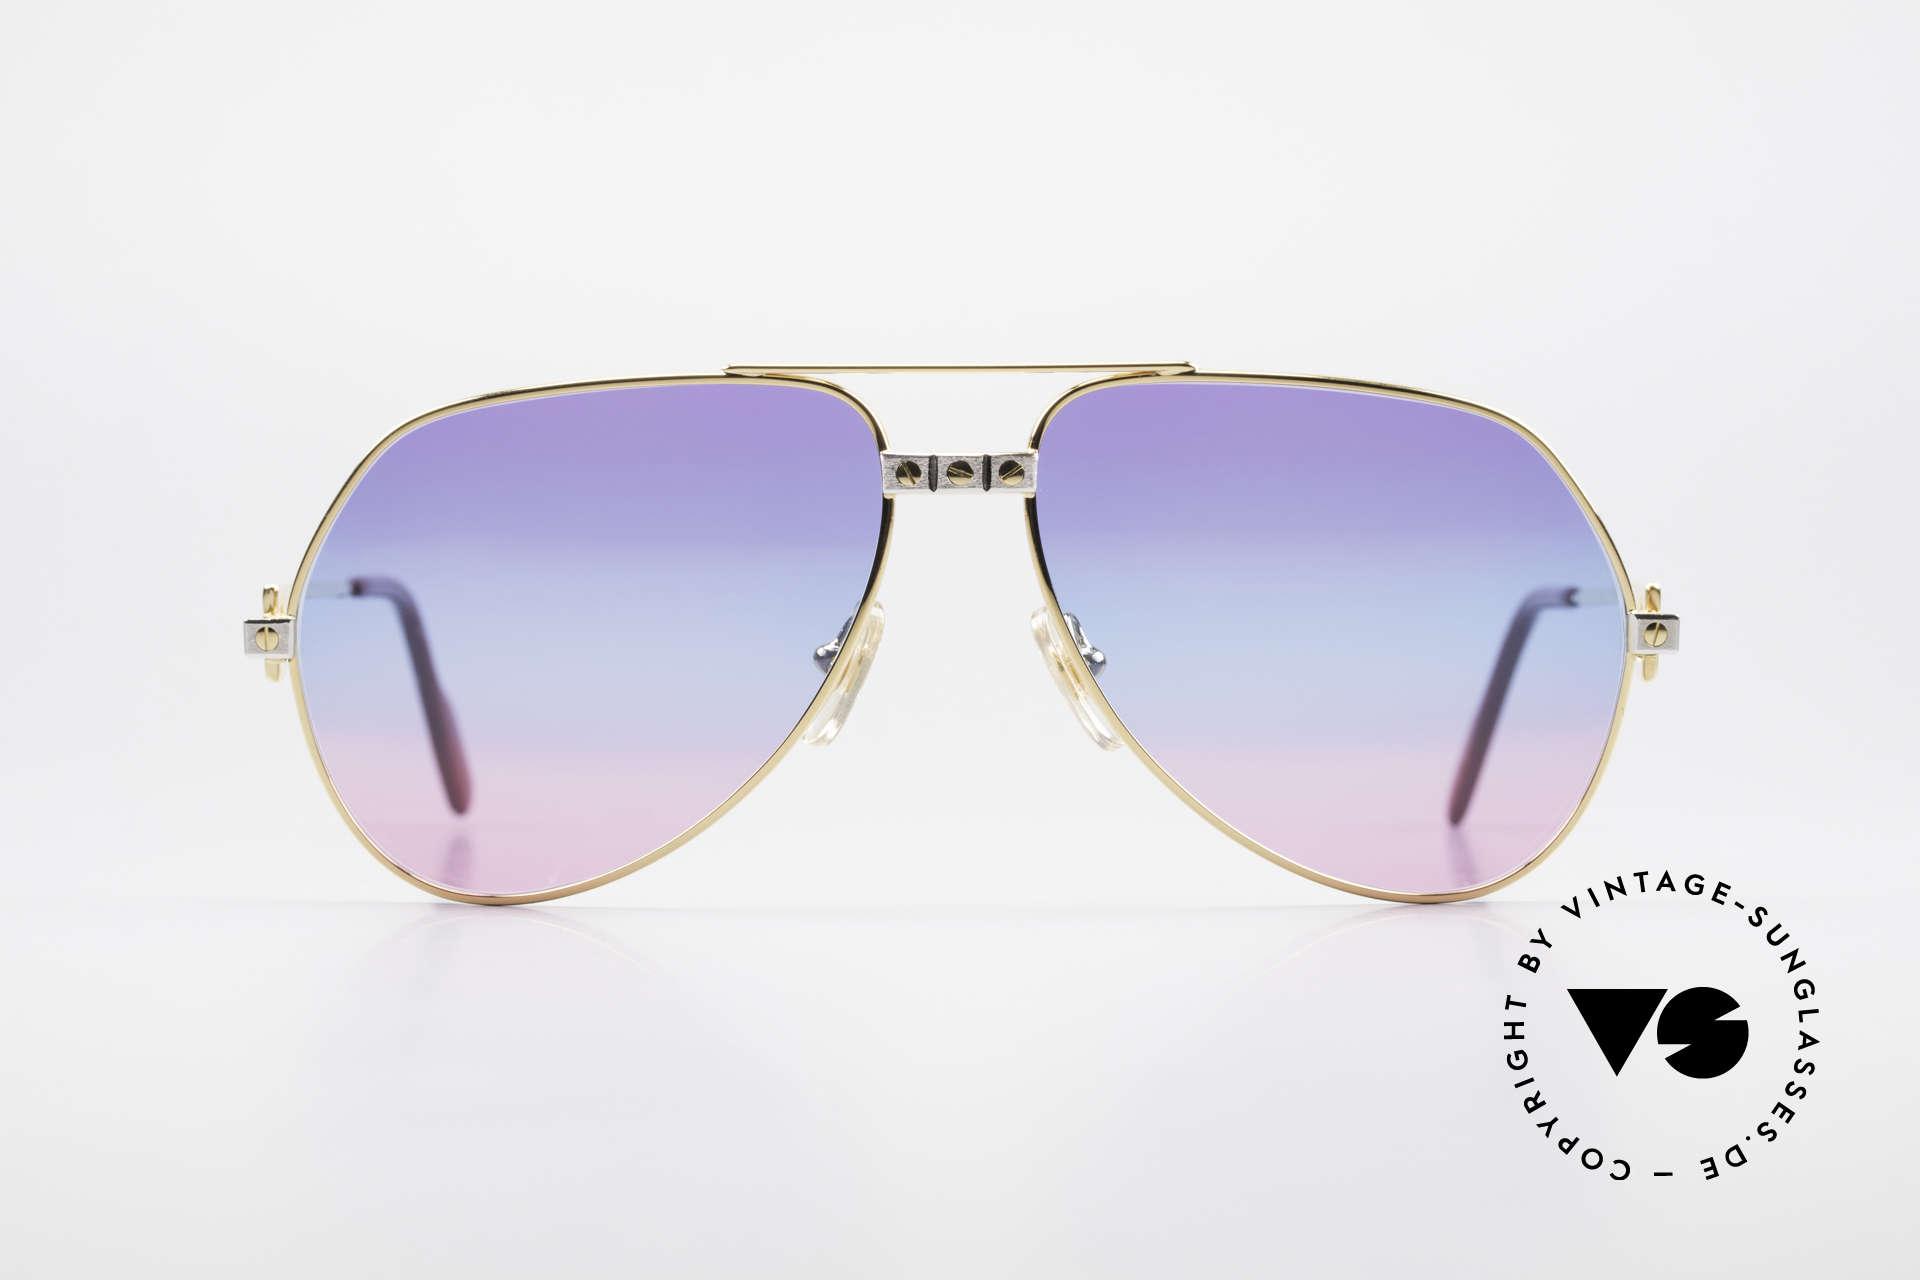 Cartier Vendome Santos - M Unikat Sammler Sonnenbrille, wurde 1983 veröffentlicht & dann bis 1997 produziert, Passend für Herren und Damen